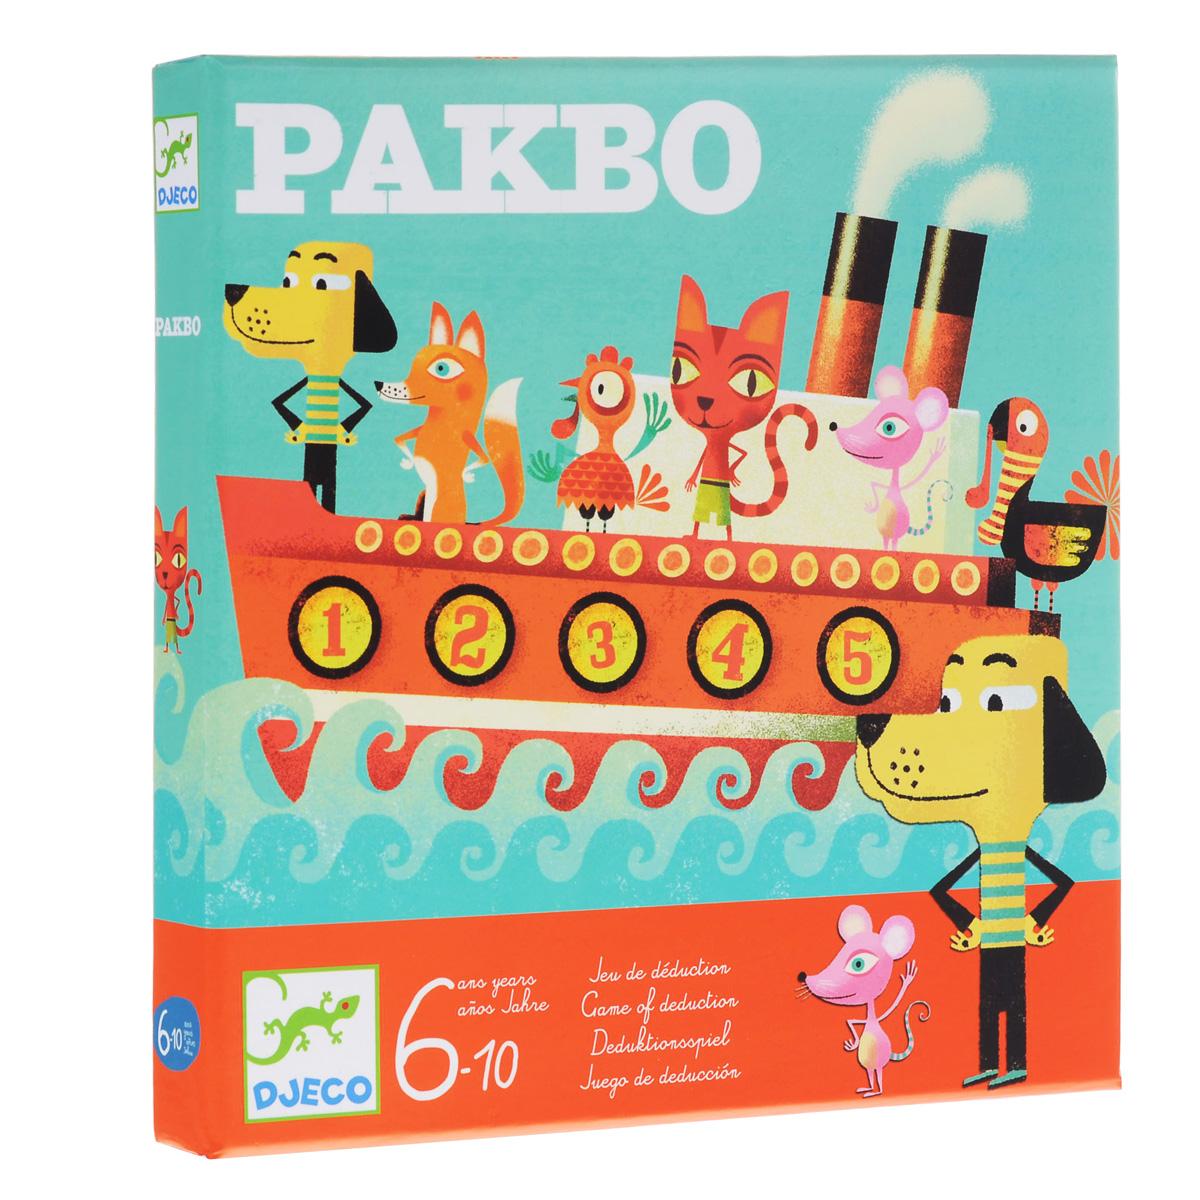 Настольная игра Djeco Пакбо08458Настольная игра Пакбо - это невероятно интересная и необычная игра. Цель этой интересной стратегической игры – быстрее всех определить места, на которых сидят пассажиры корабля соперника. В начале игры все участники рассаживают зверей и в бой! Очаровательная и познавательная игра для Вашего малыша. Набор очень яркий и занимательный.